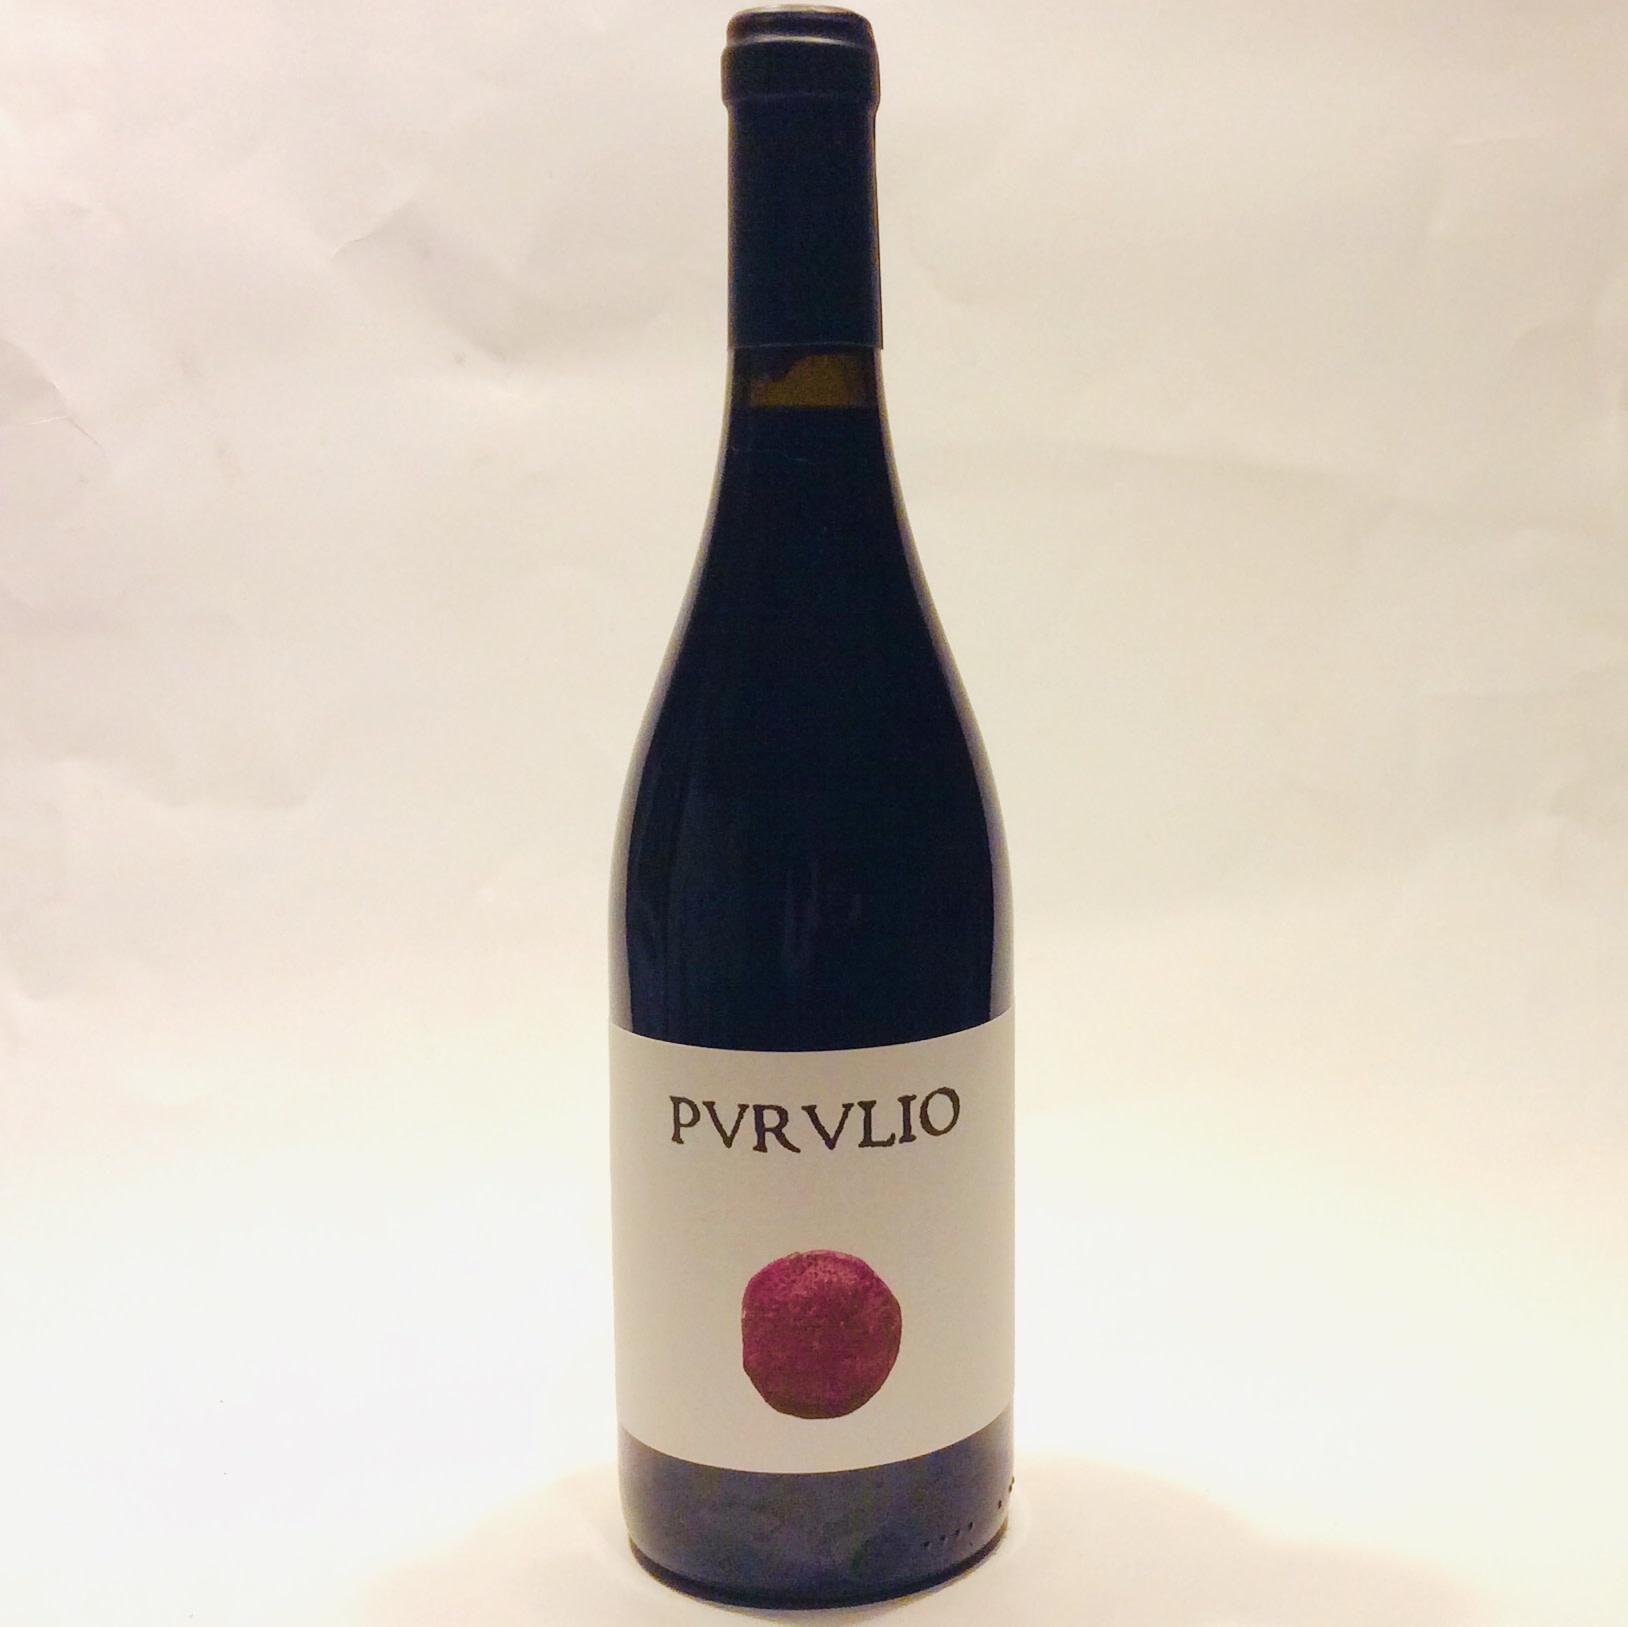 Purulio - Vino Tinto de Espana 2016 (750 ml)